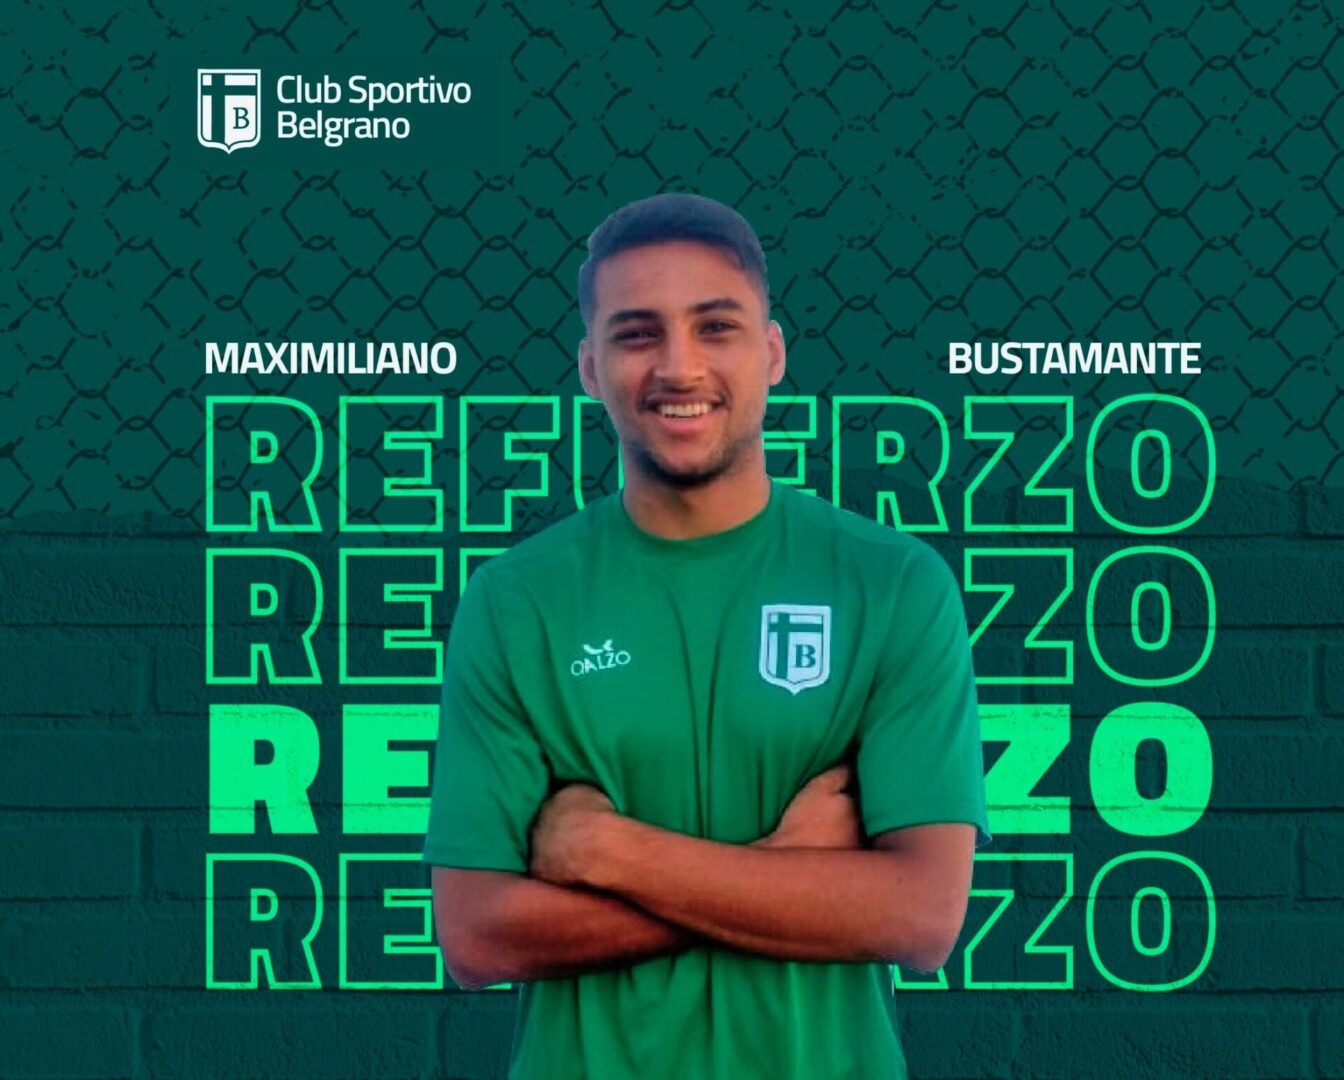 Maximiliano Bustamante